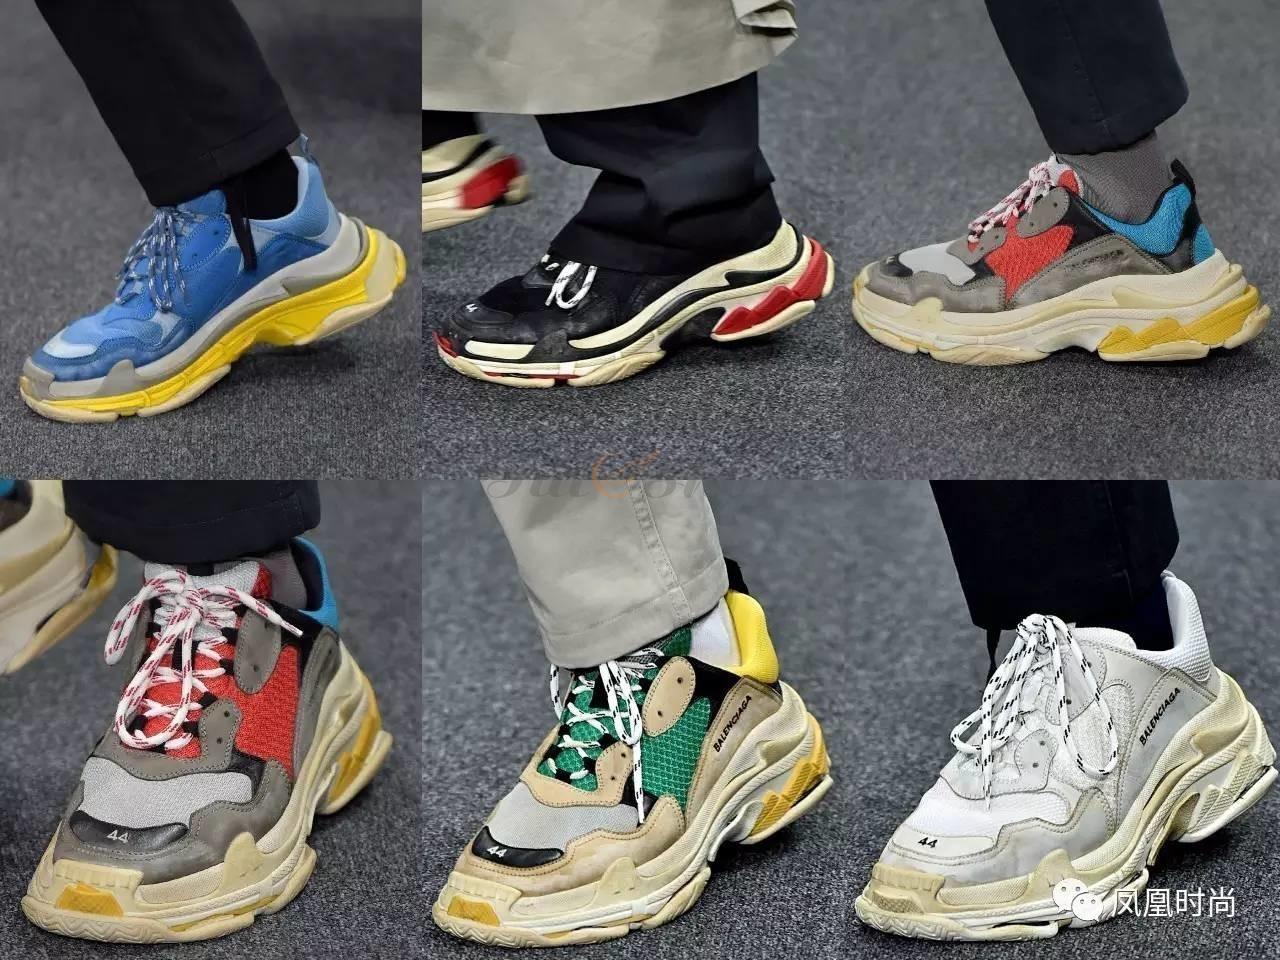 Giày balenciaga nặng bao nhiêu kg? Nơi bán balenciaga shoes uy tín tại Tphcm?